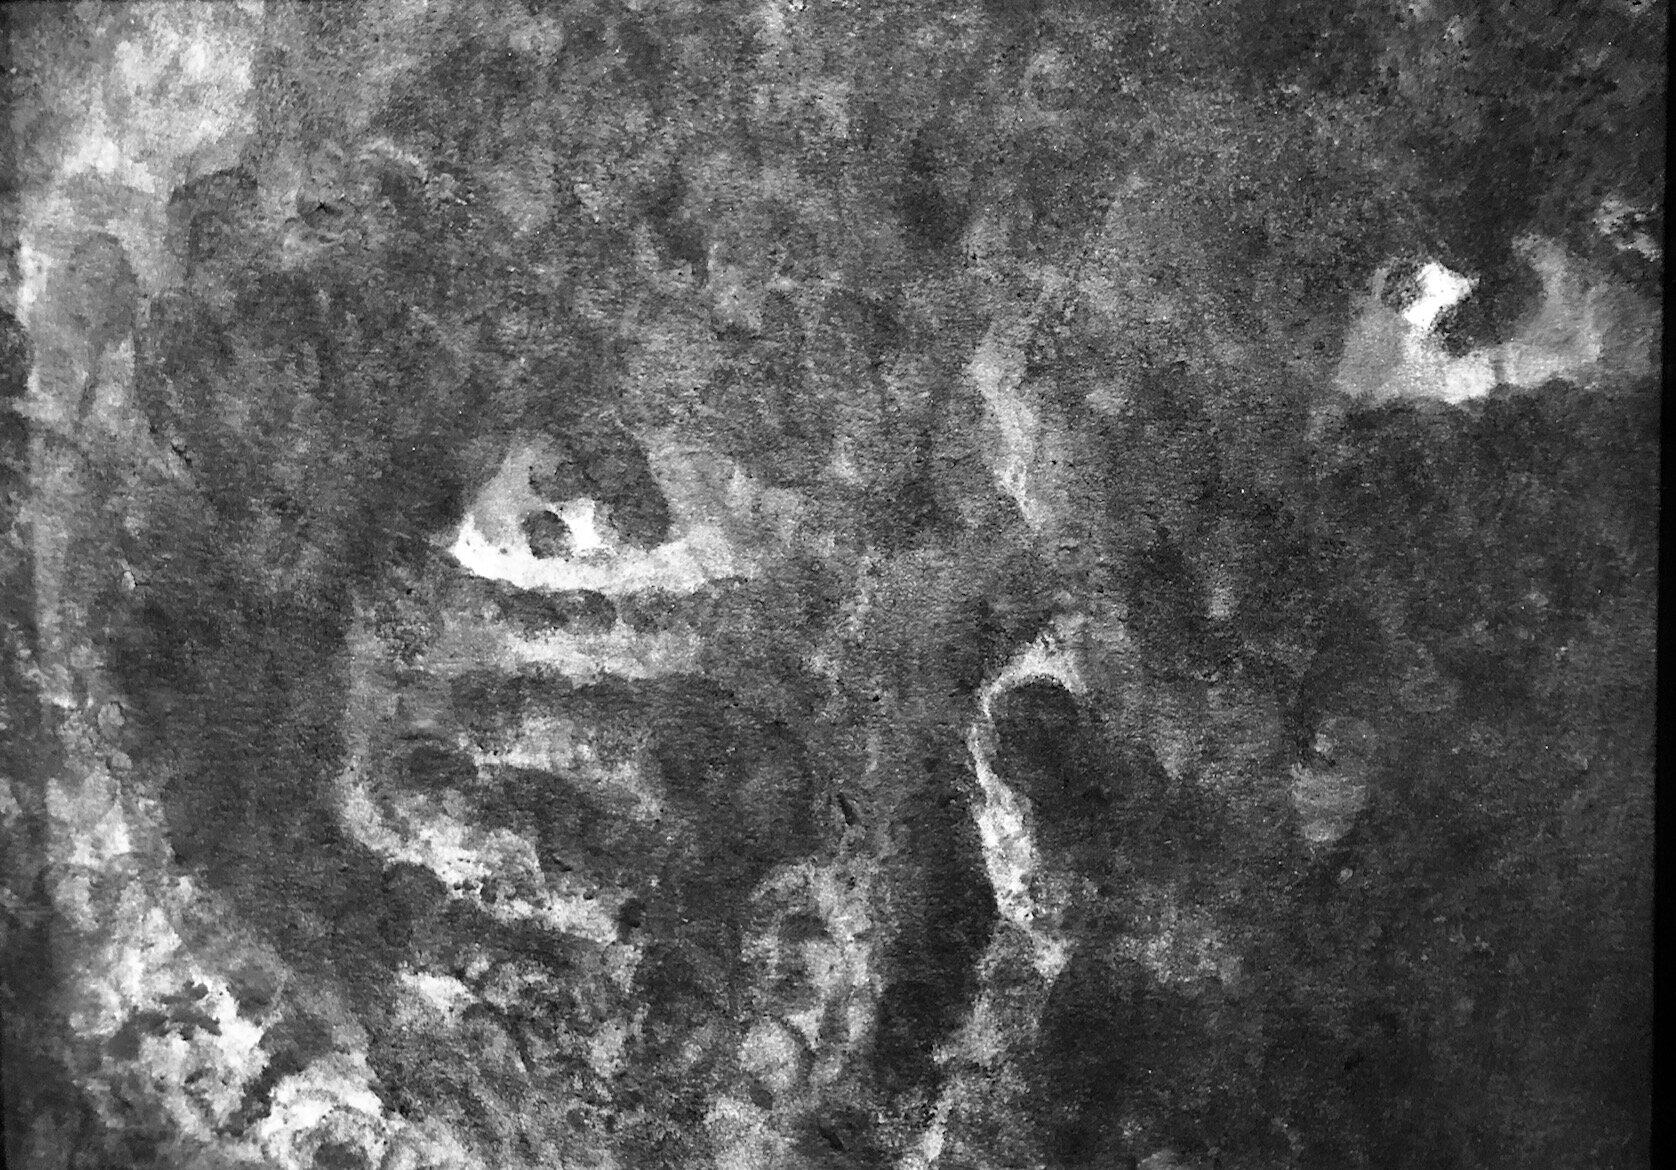 © Jérôme Zonder, « Fruit du cinéma #18 », fusain et mine de plomb sur papier, 24×32 cm, 2019.